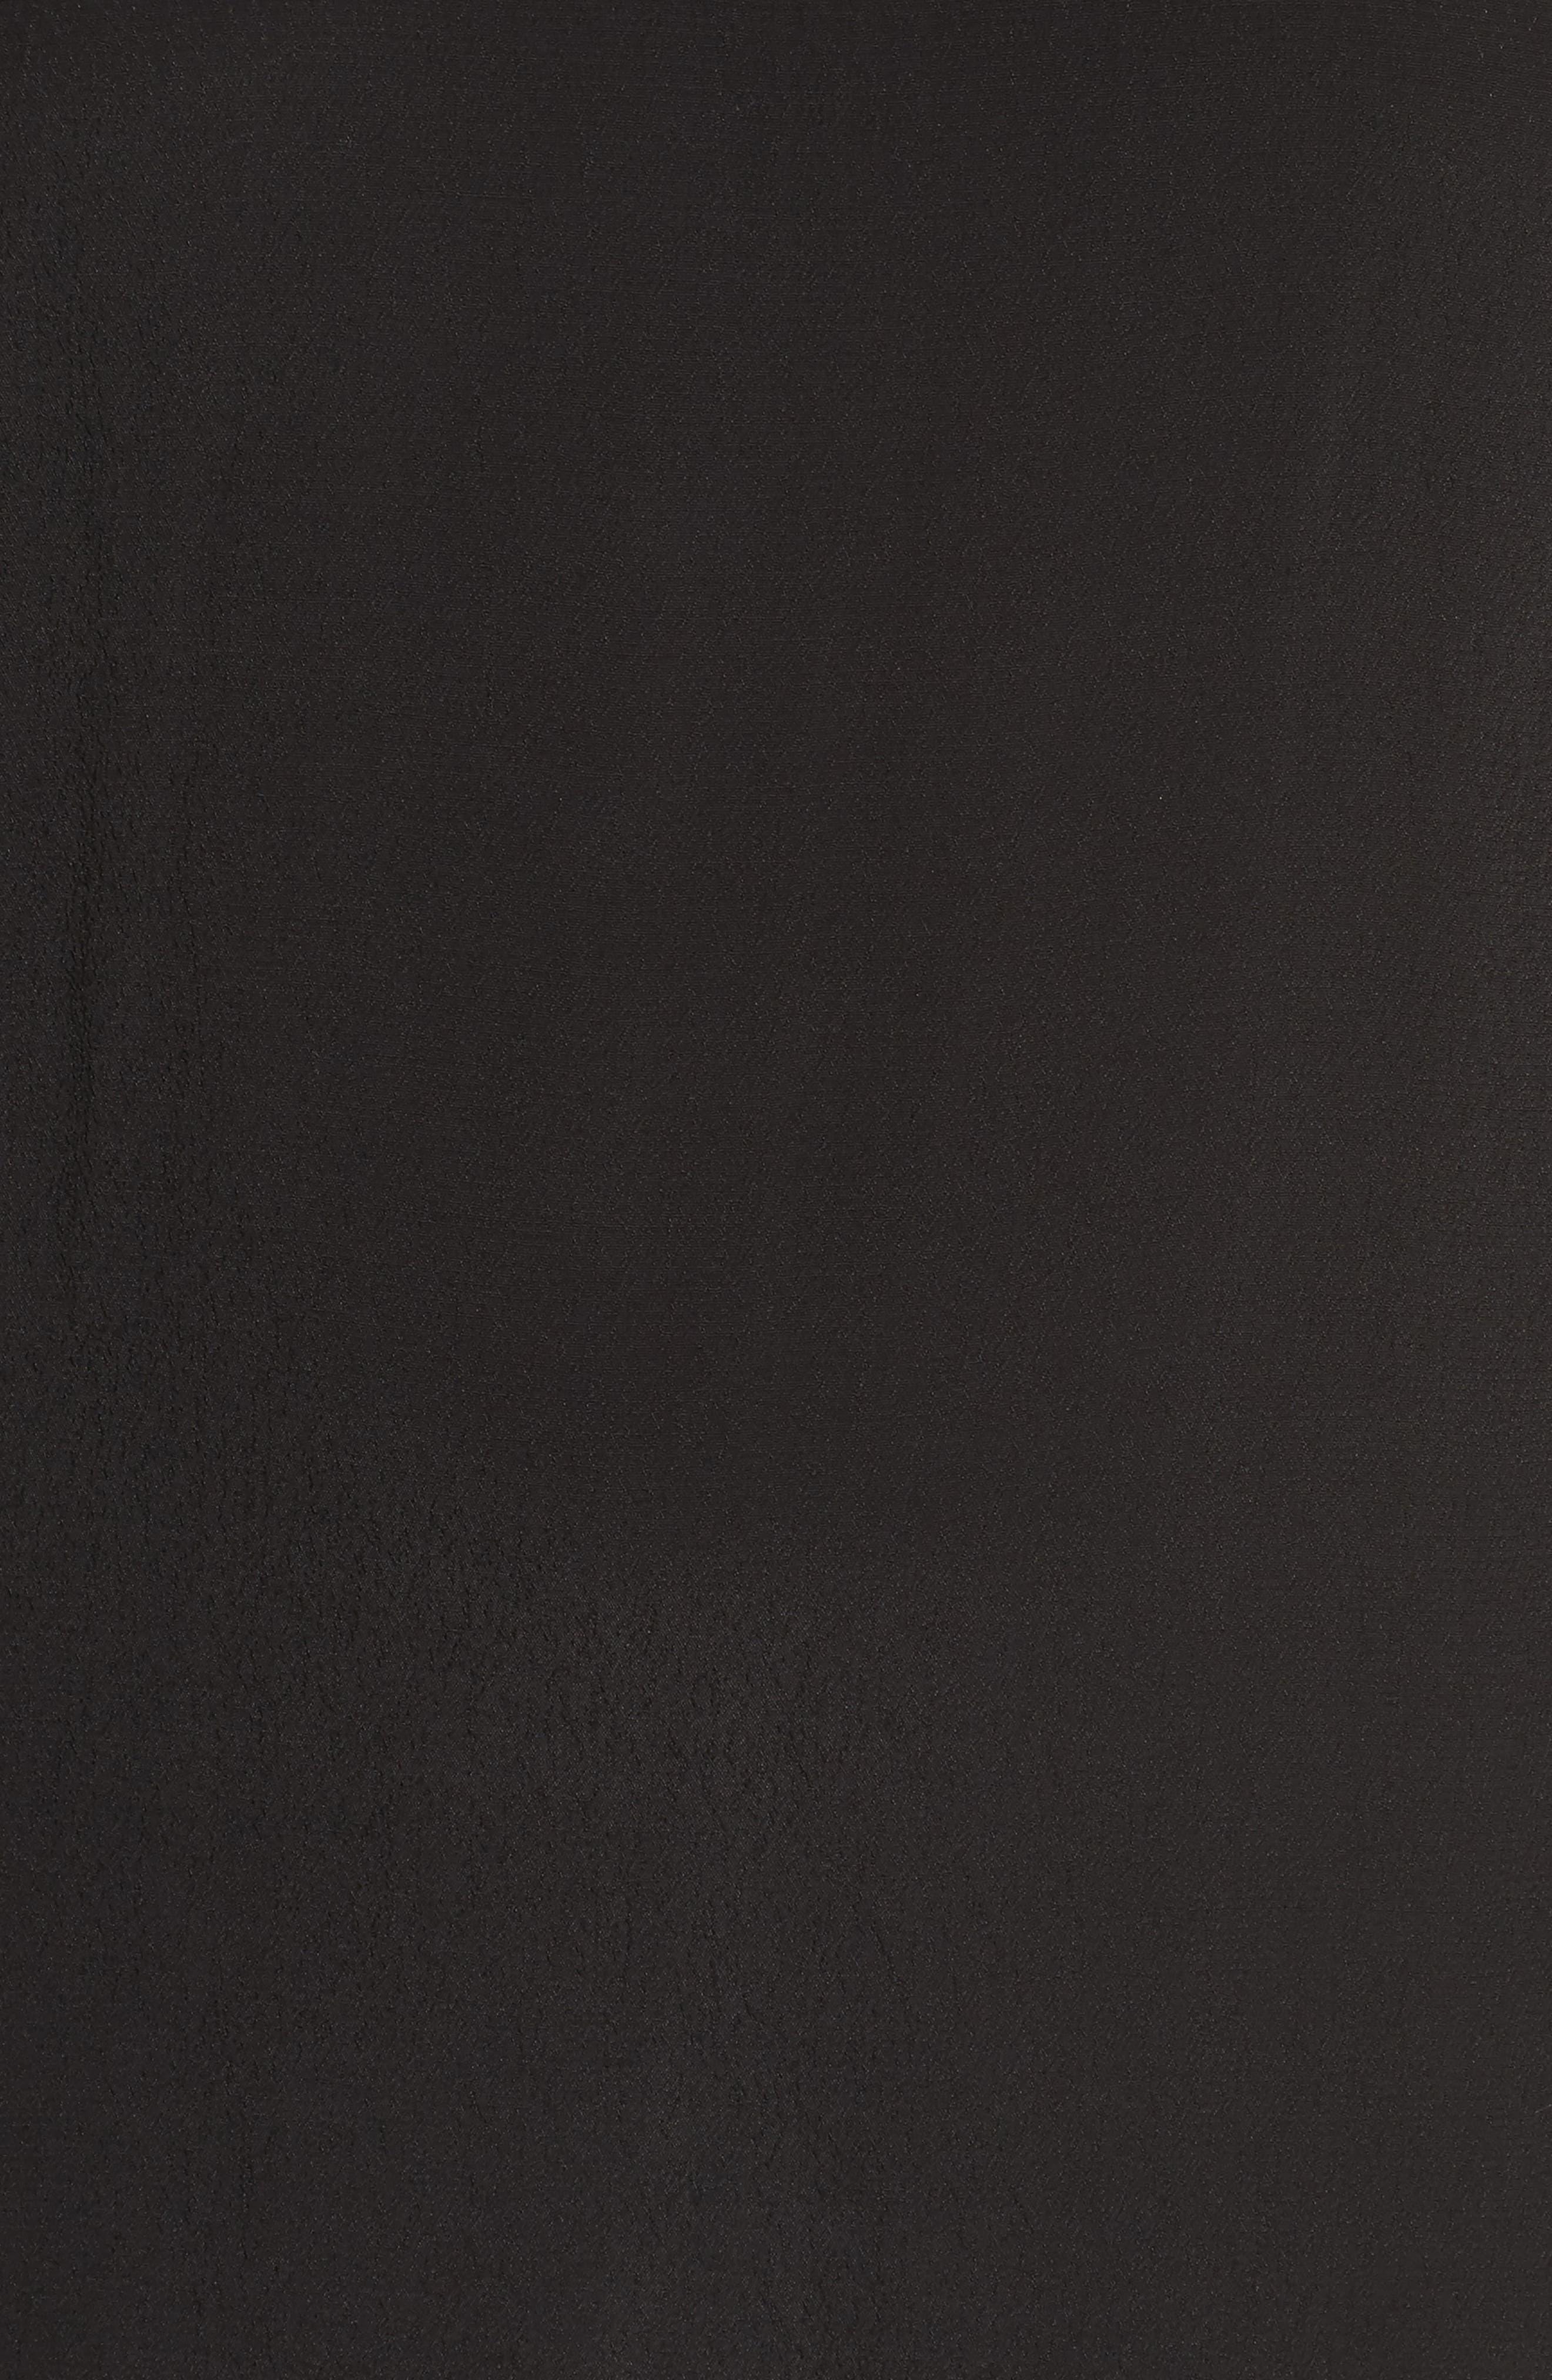 Jolie Lace Accent Cover-Up Dress,                             Alternate thumbnail 4, color,                             Black